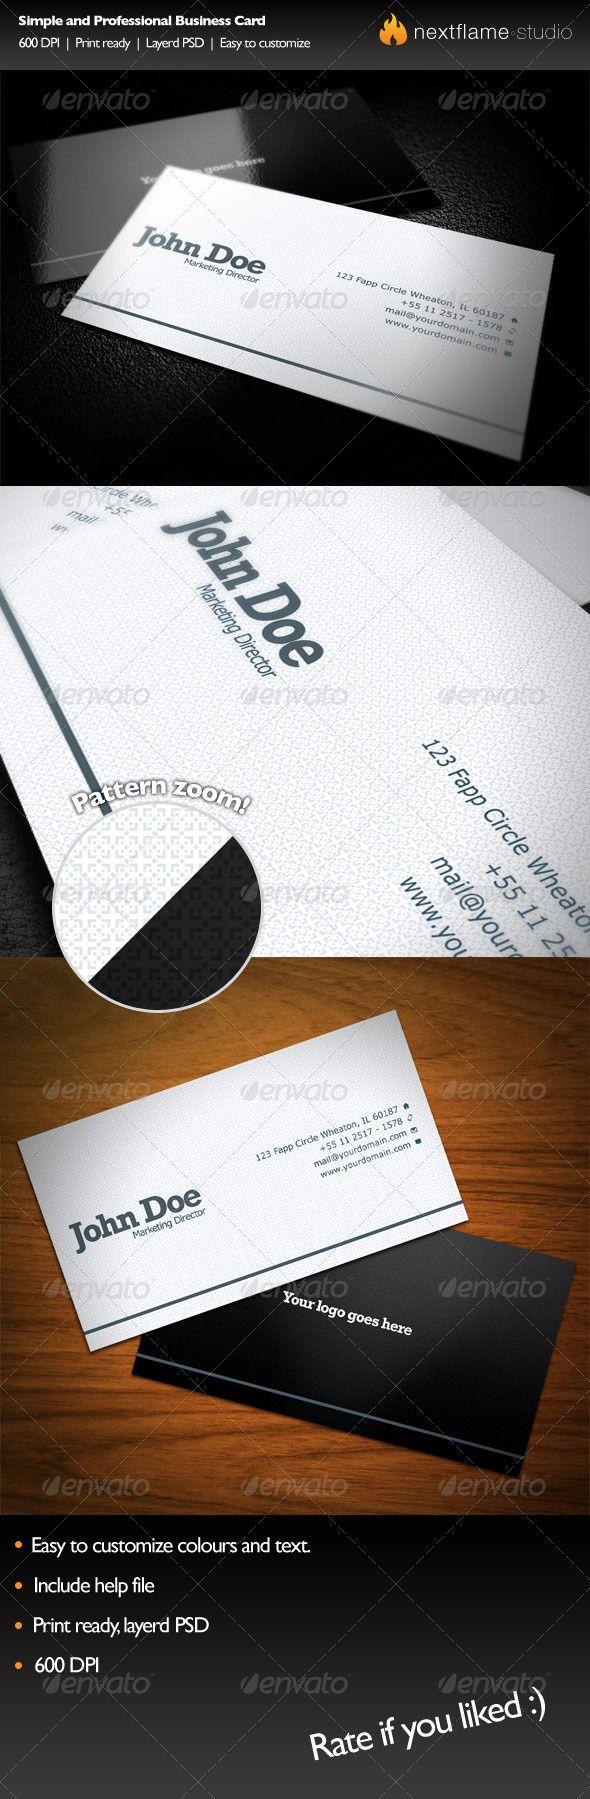 Best 25+ Business card software ideas on Pinterest | Business card ...